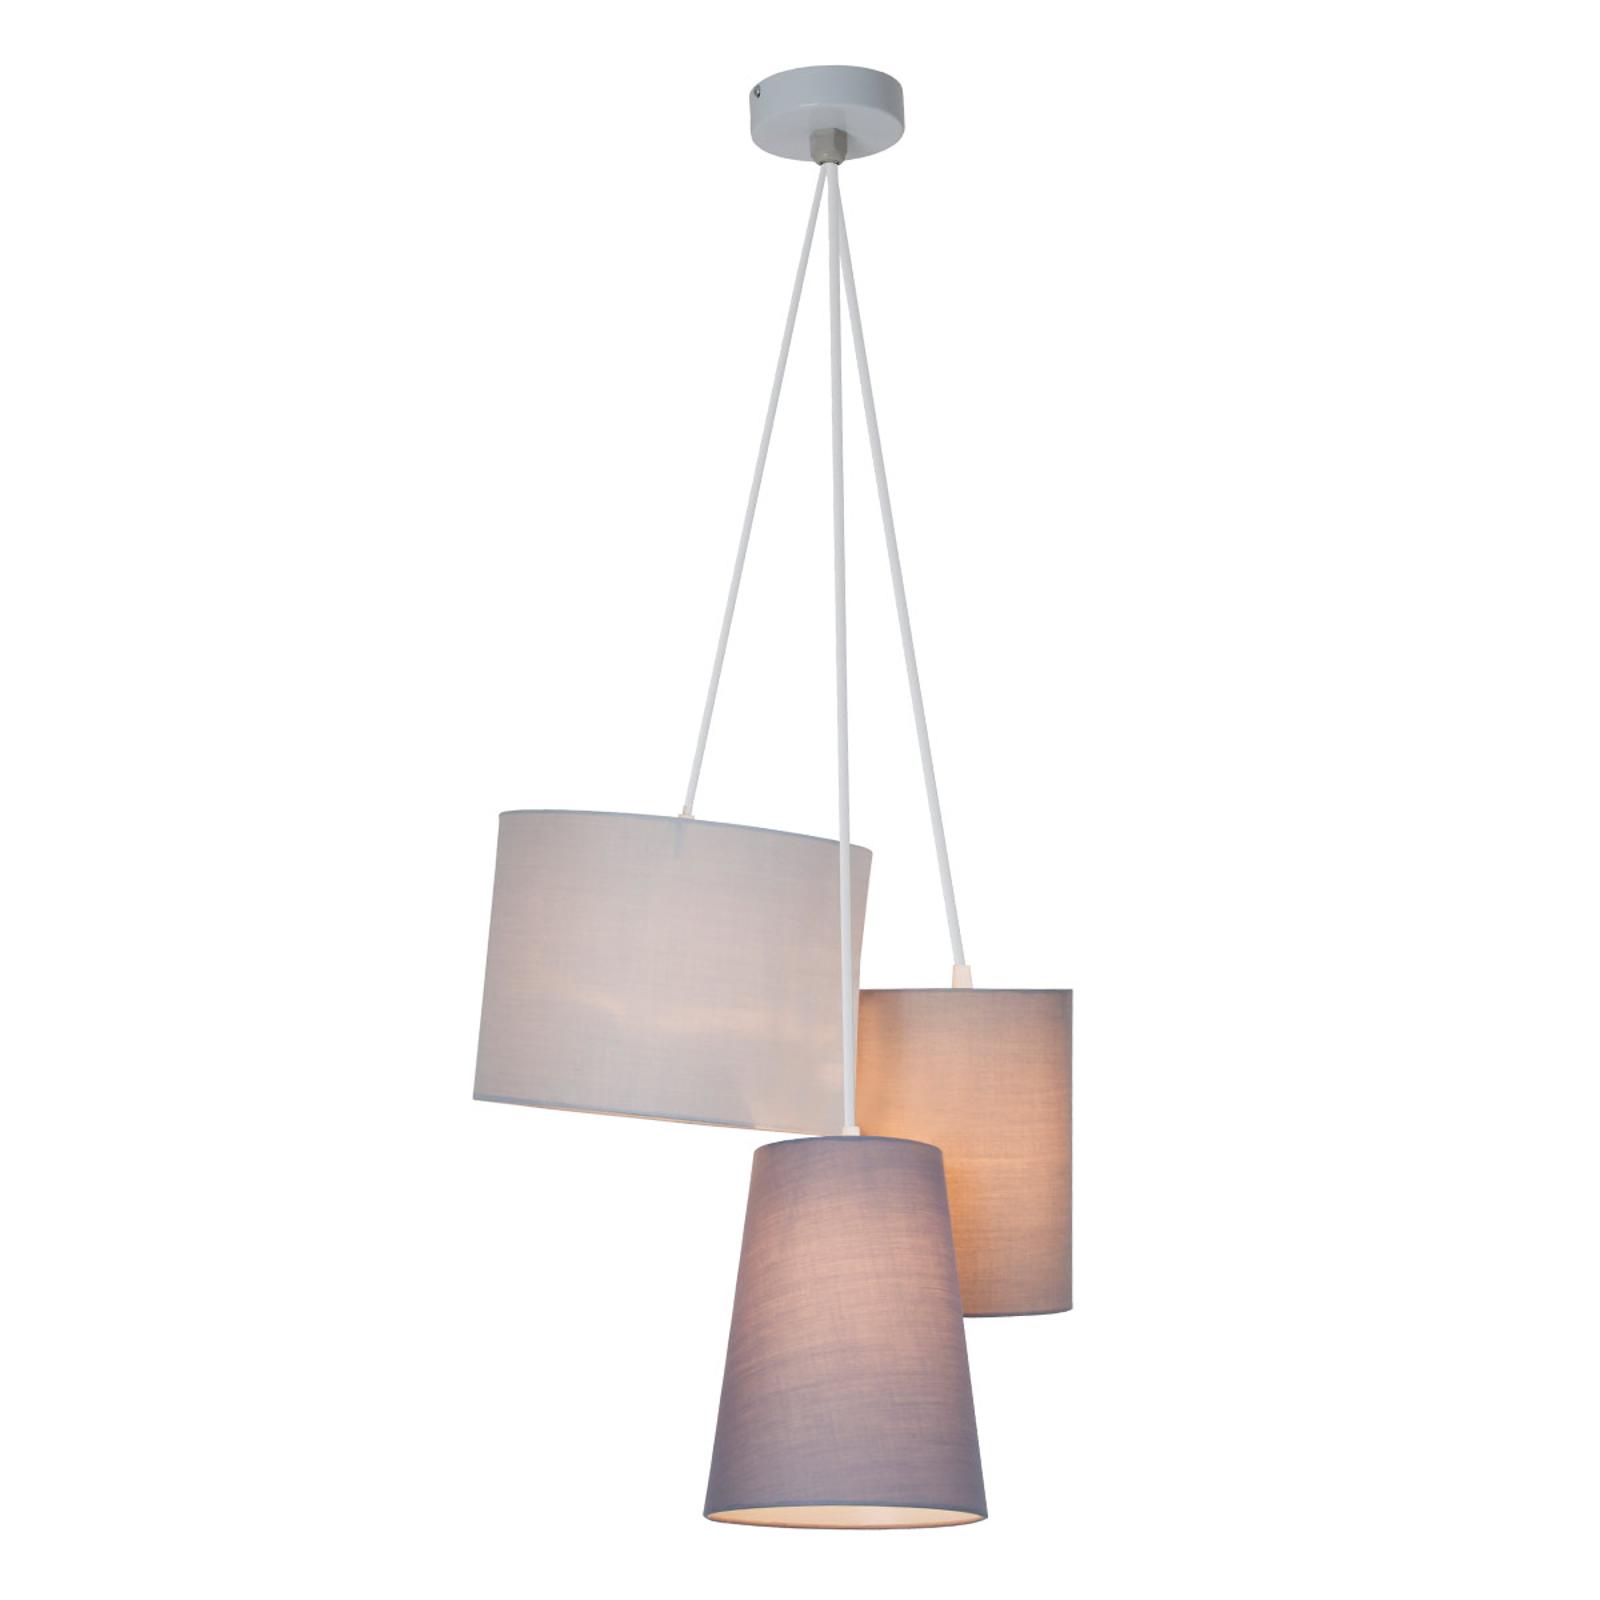 3-plameňová závesná lampa Trial textilné tienidlá_1507199_1